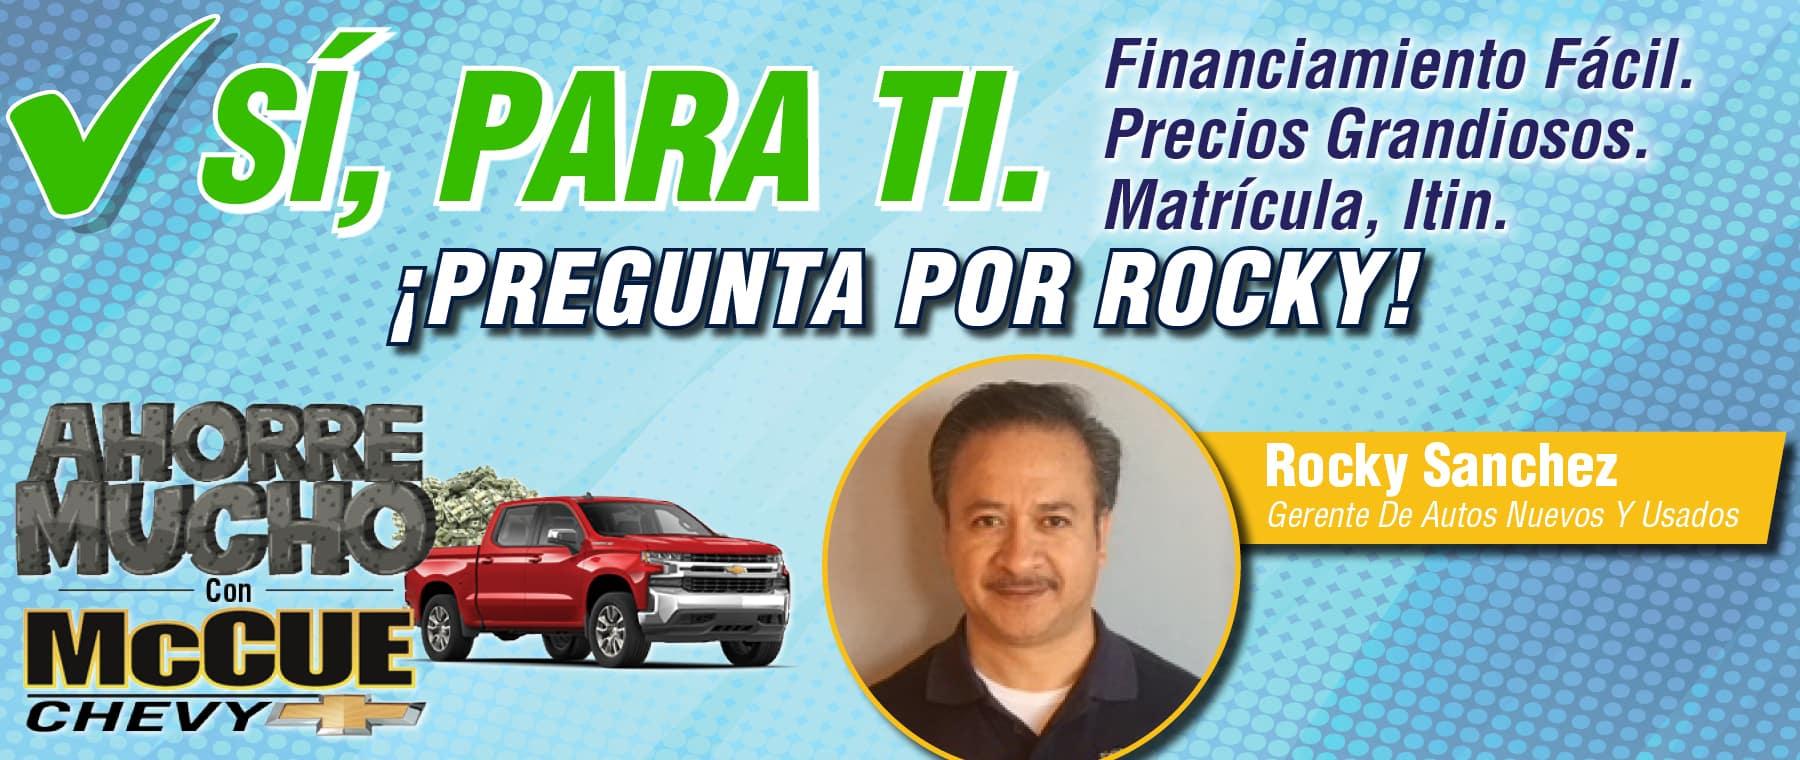 010421_MCCUE_SpanishStaff_Rocky_BANNER_1600x686_